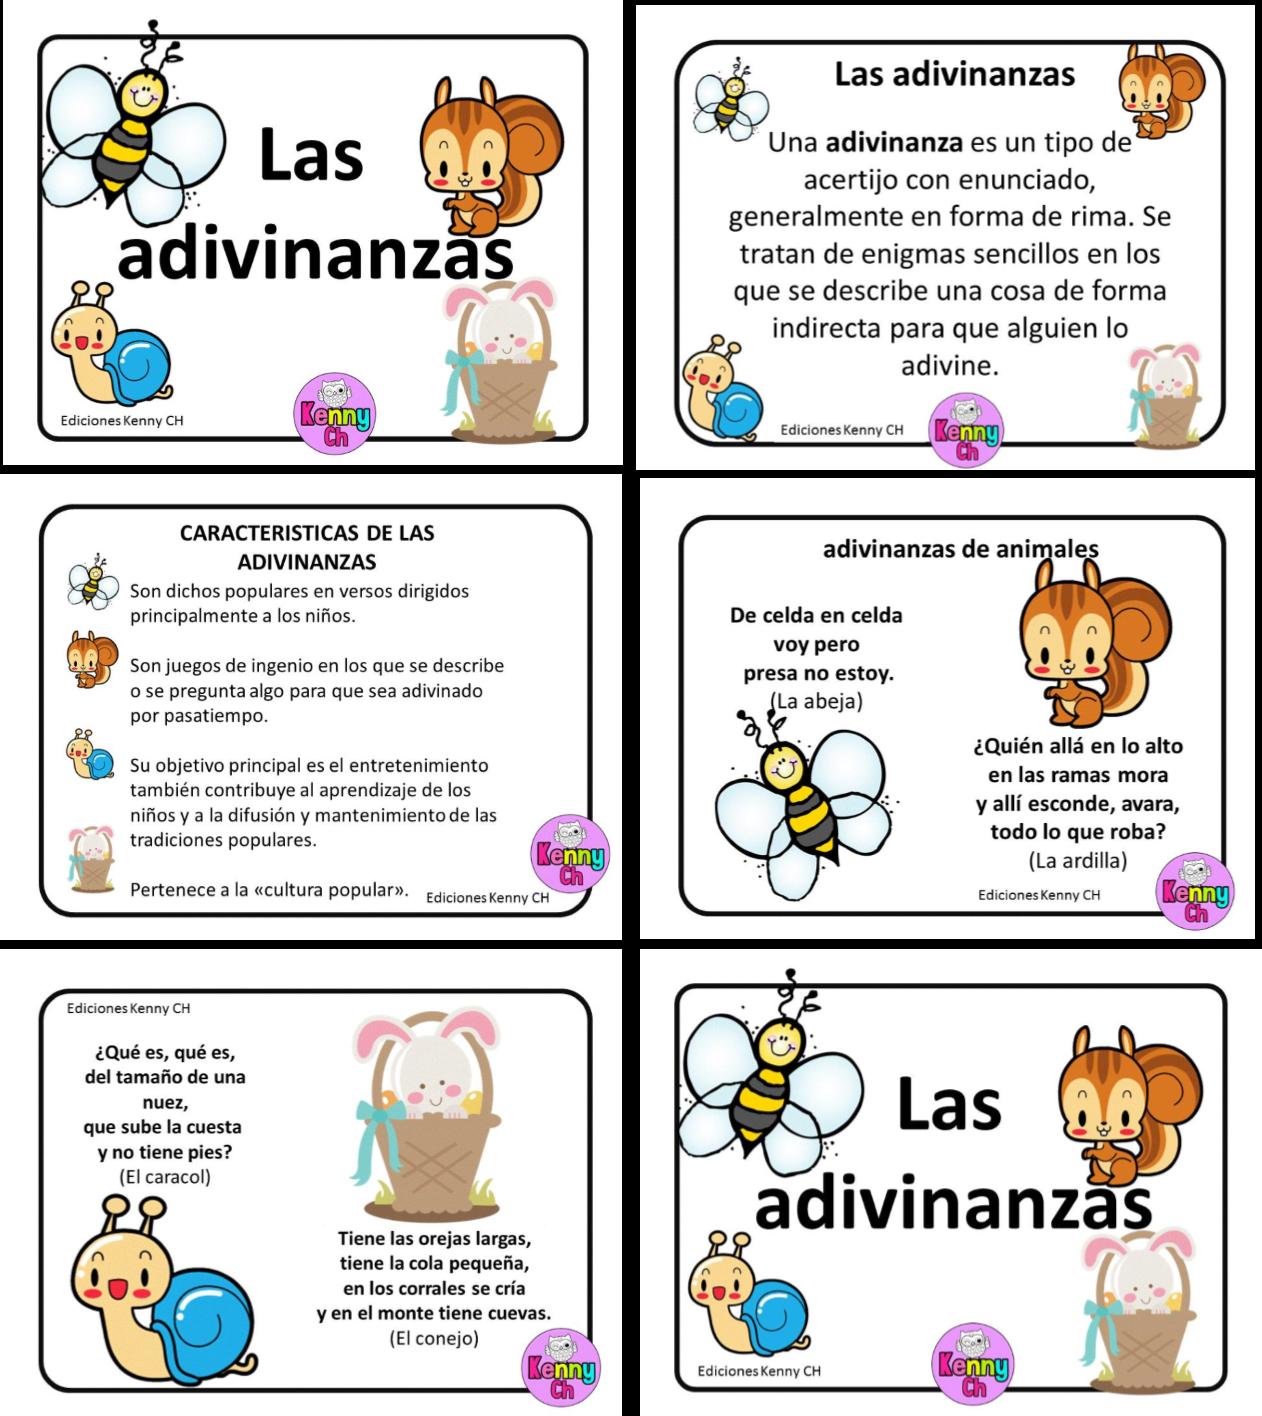 Compañeros y amigos docentes les compartimos estos diseños sobre las  adivinanzas para que les podamos enseñar a nuestros alumnos sobre